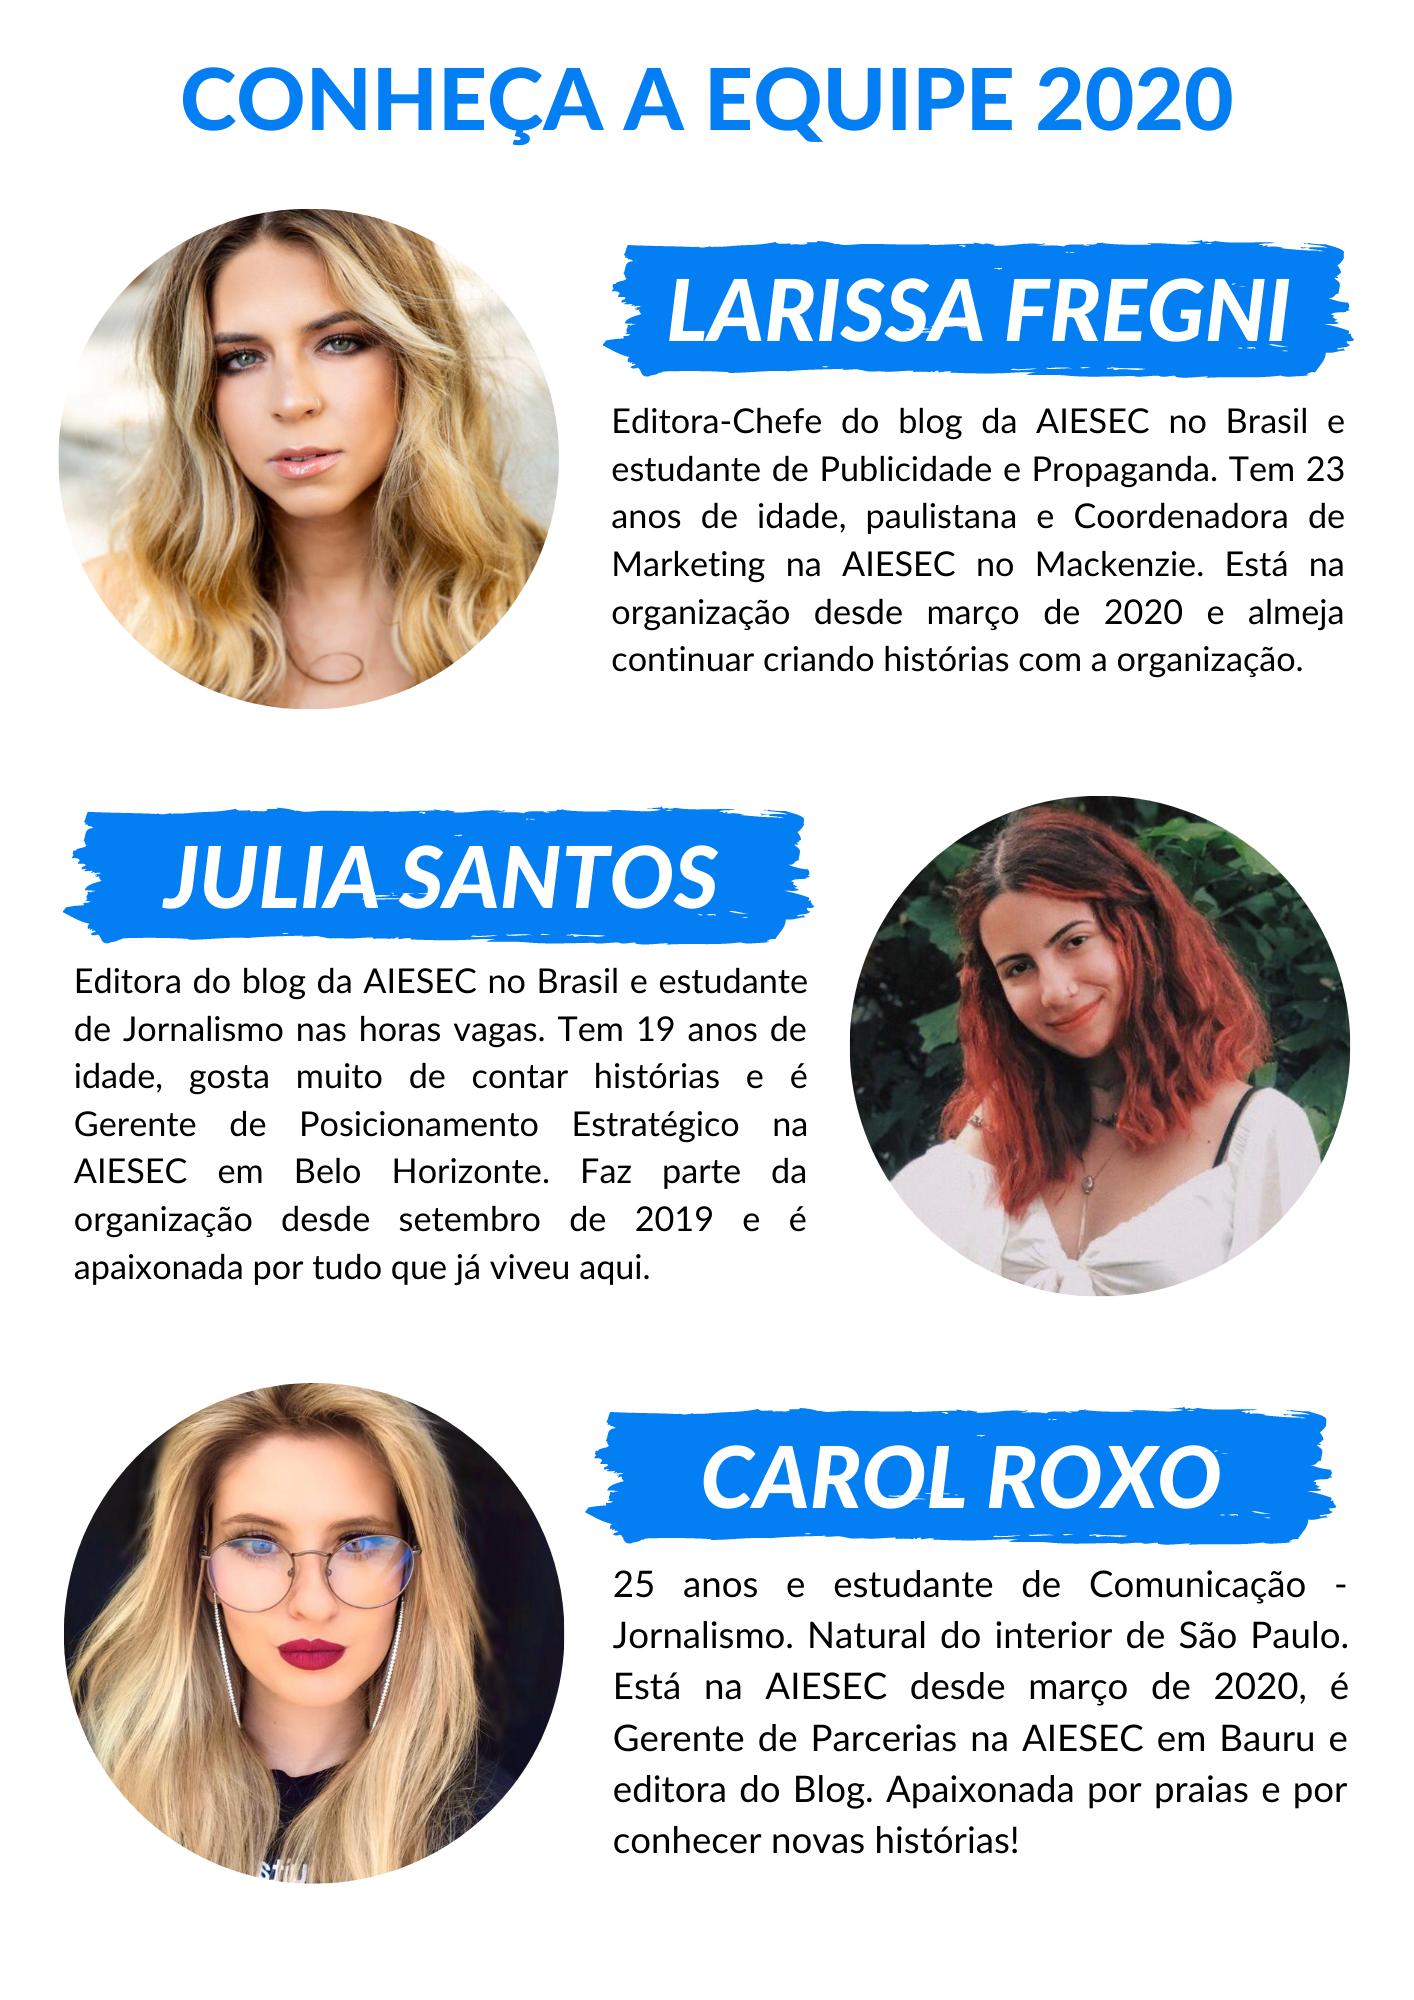 Apresentação das editoras do blog AIESEC no Brasil 2020.2